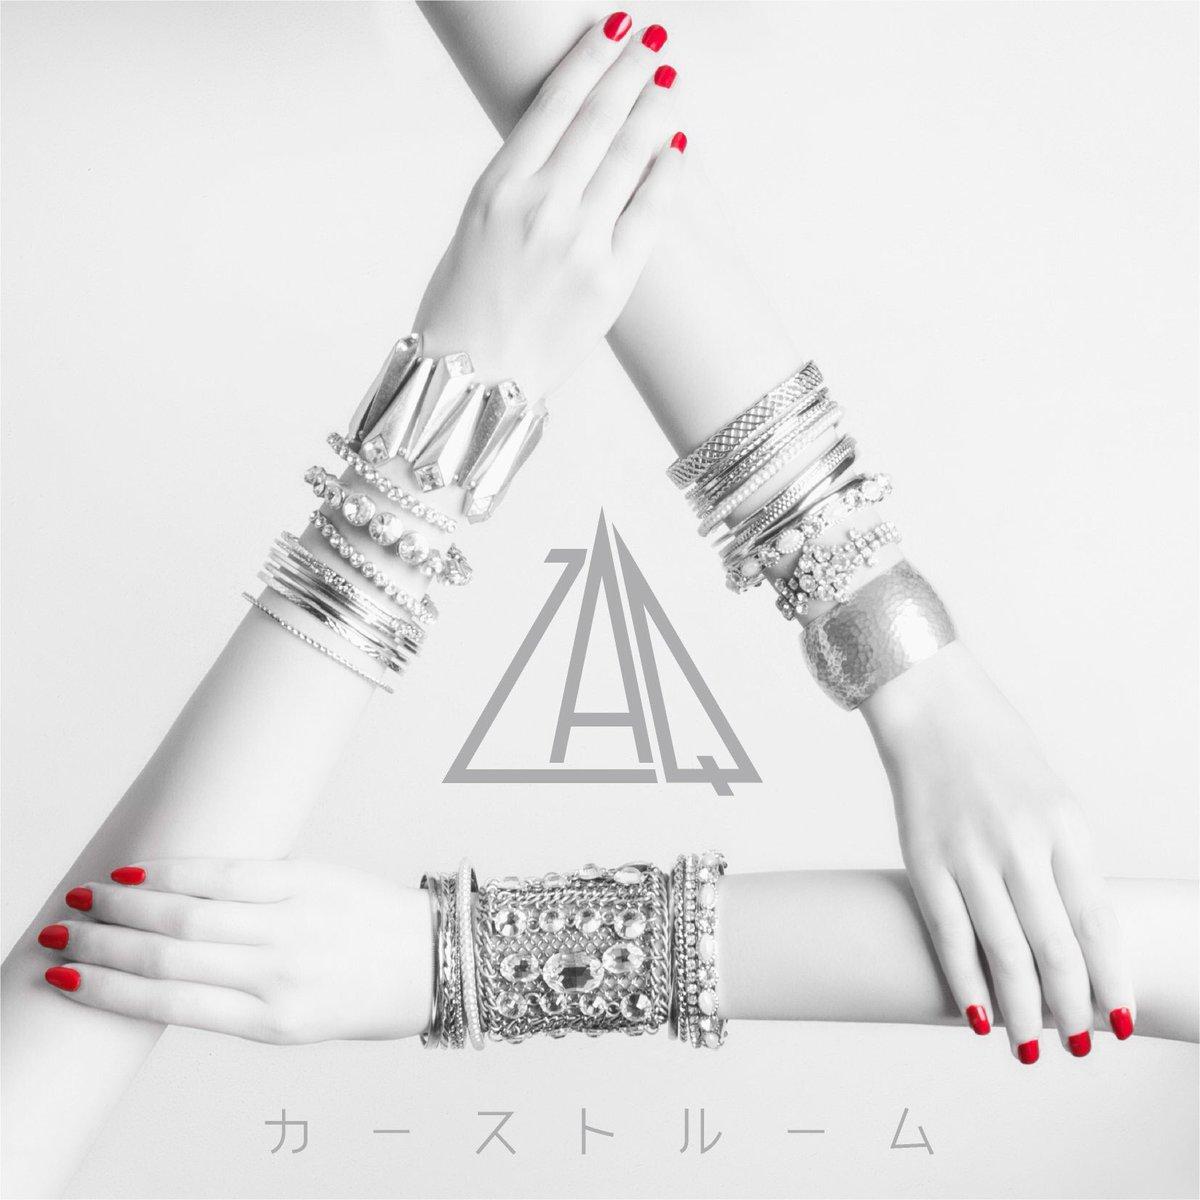 『阿澄佳奈のキミまち!』お聞き·ご覧くださった皆様ありがとうございます!「カーストルーム」は8/9発売です。絶賛MVフル